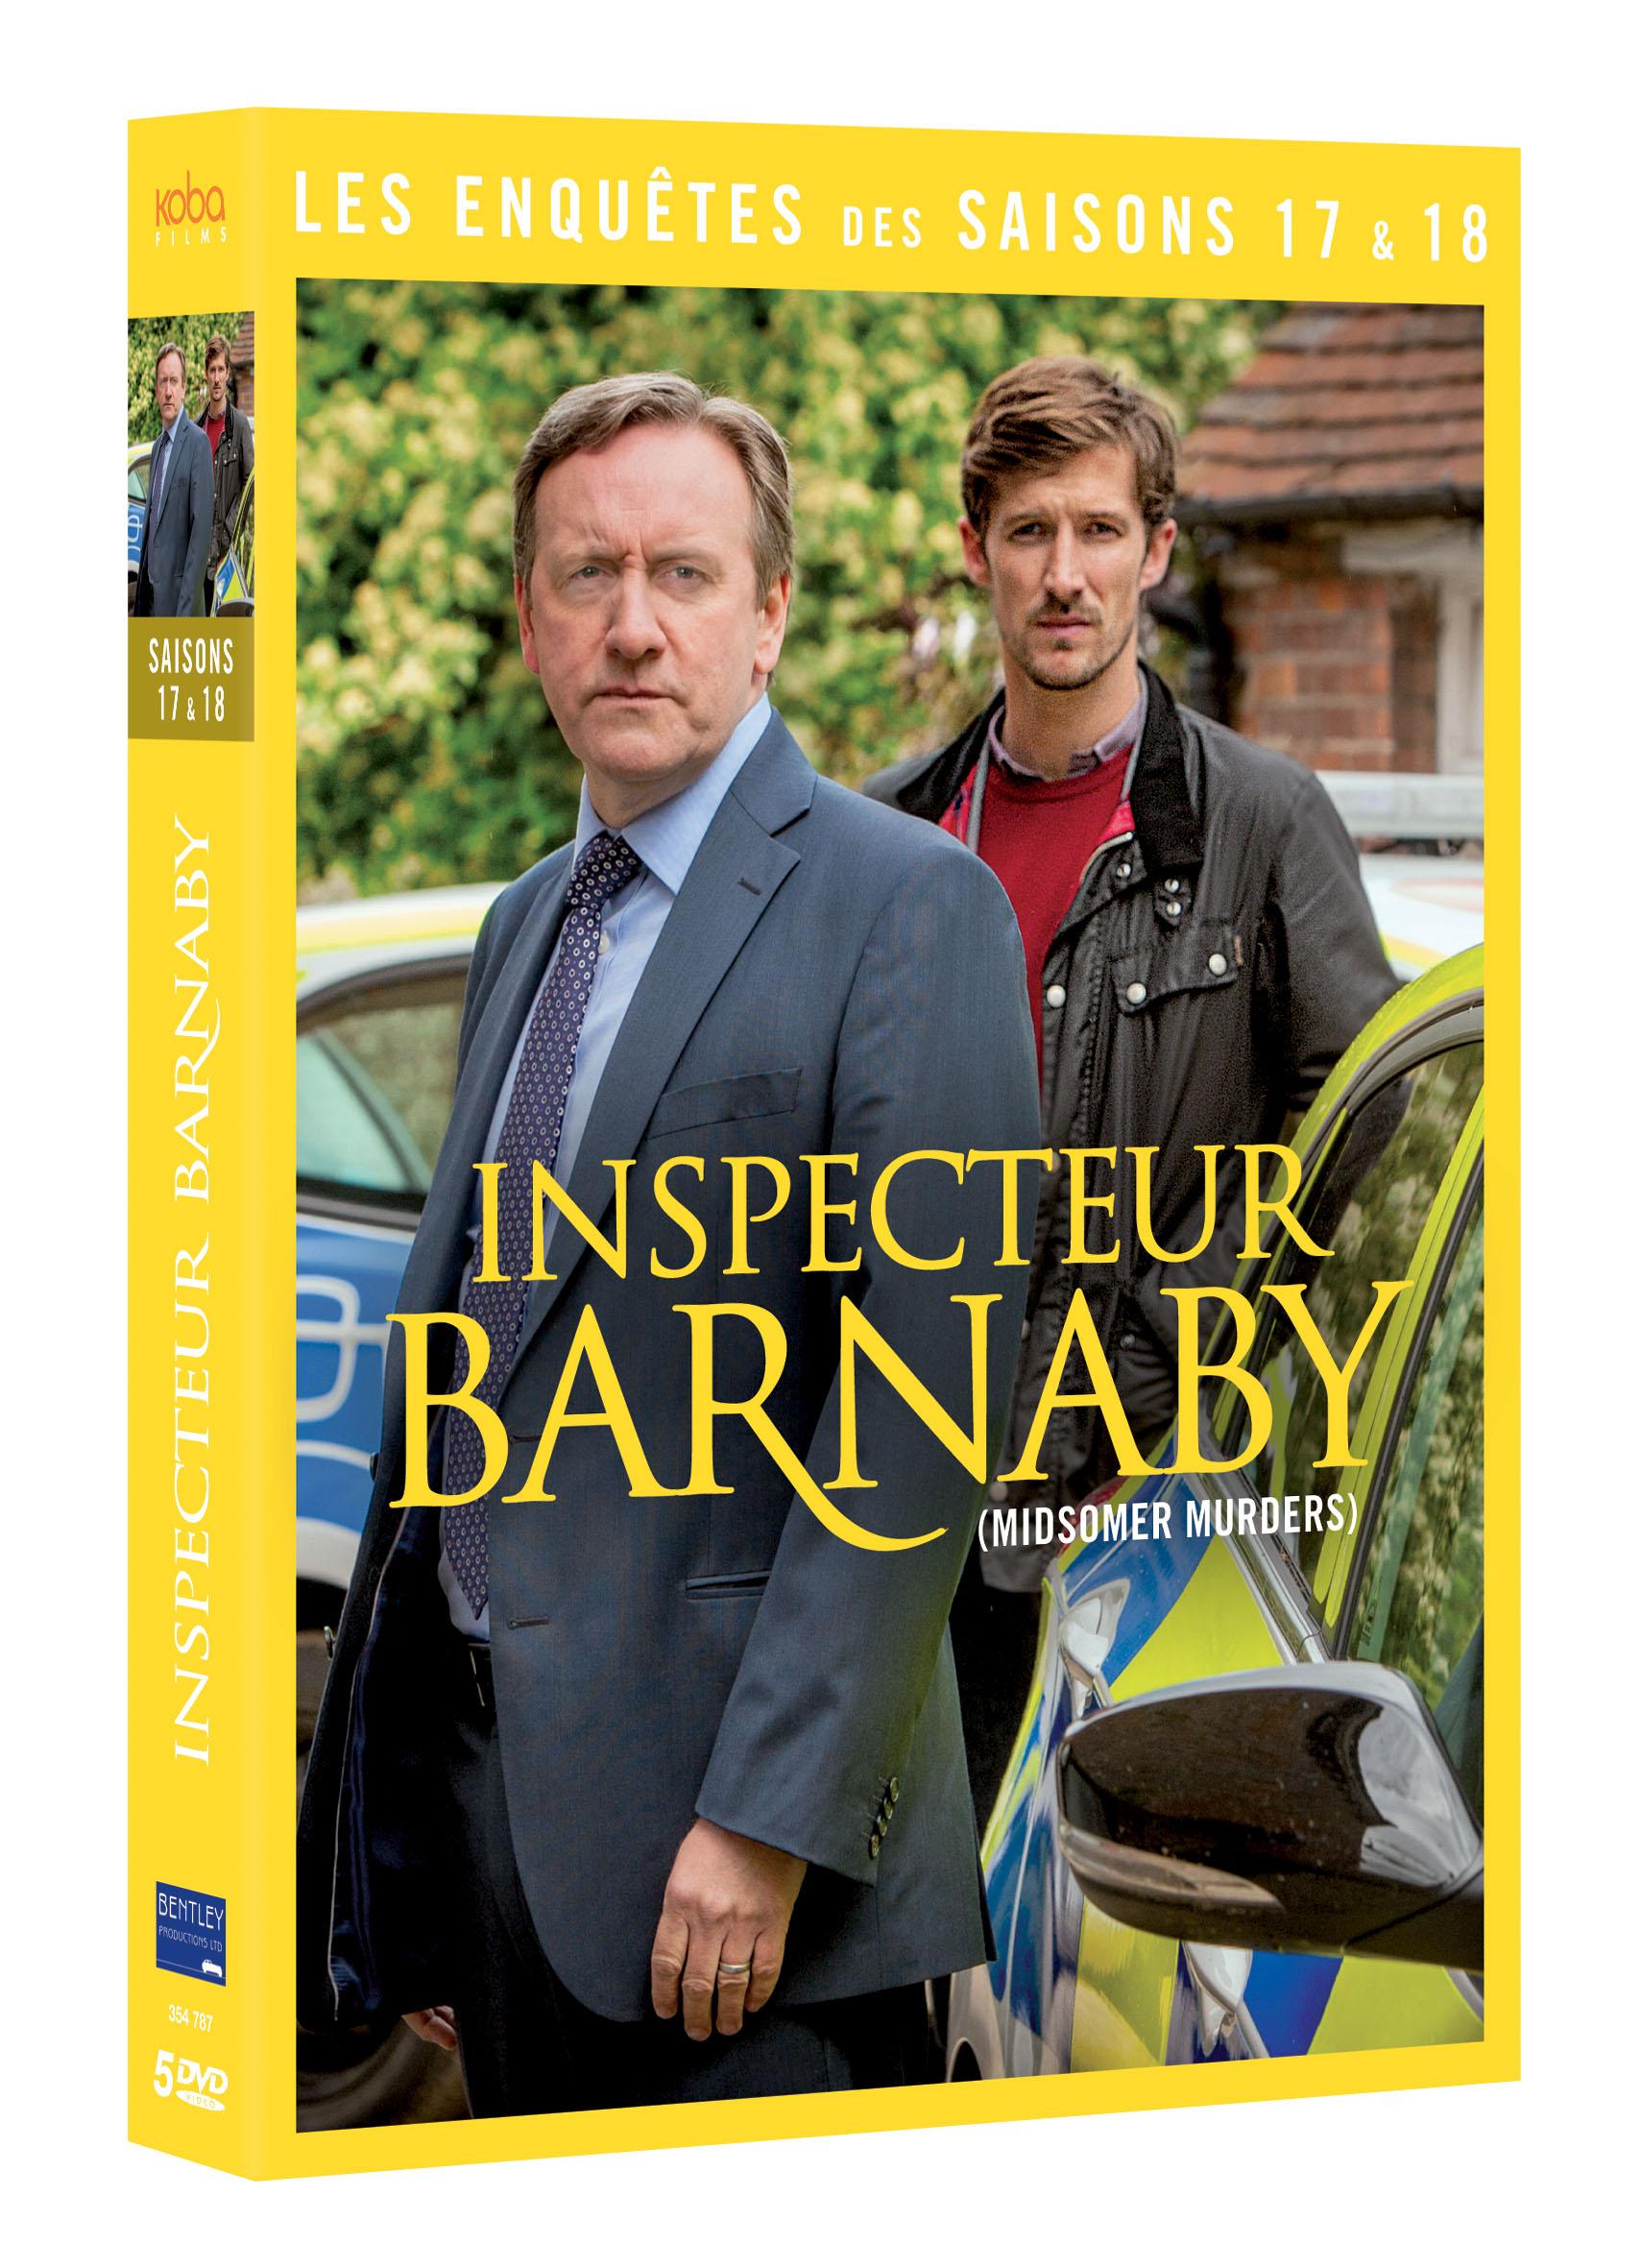 INSPECTEUR BARNABY - SAISONS 17 & 18 (5 DVD)